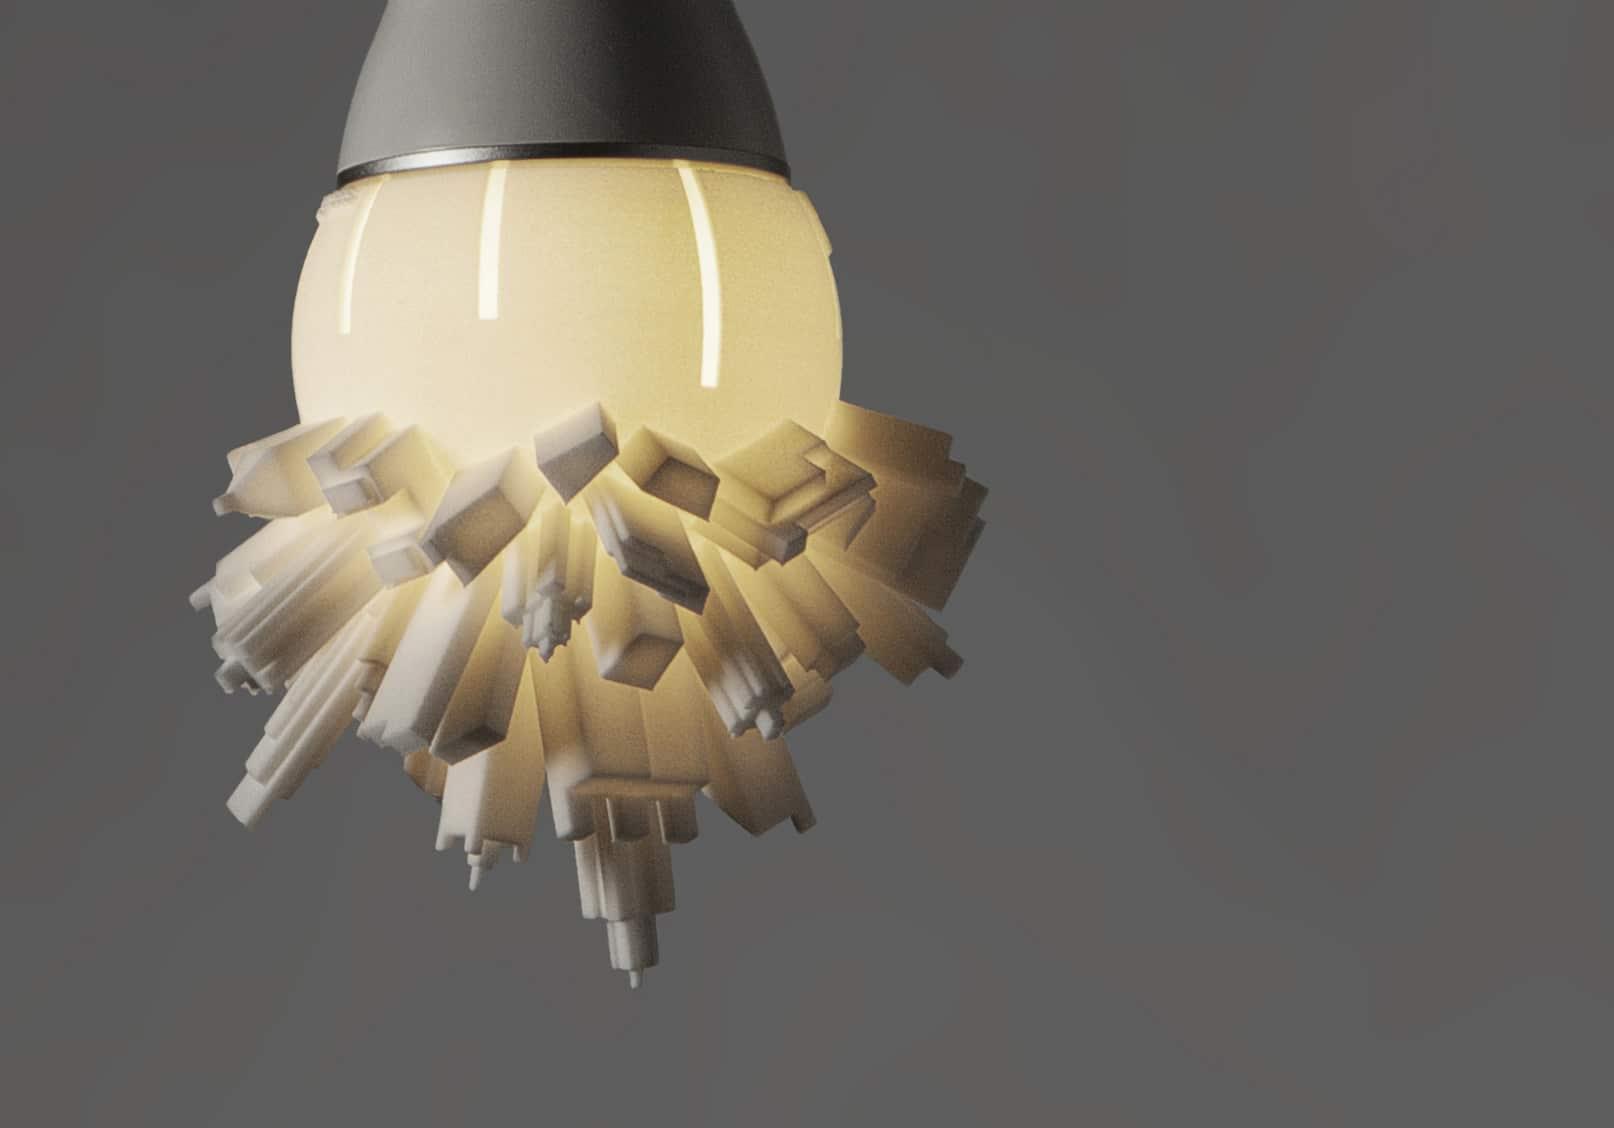 L mparas led 7 proyectos de luces leds que revolucionan - Que es la luz led ...